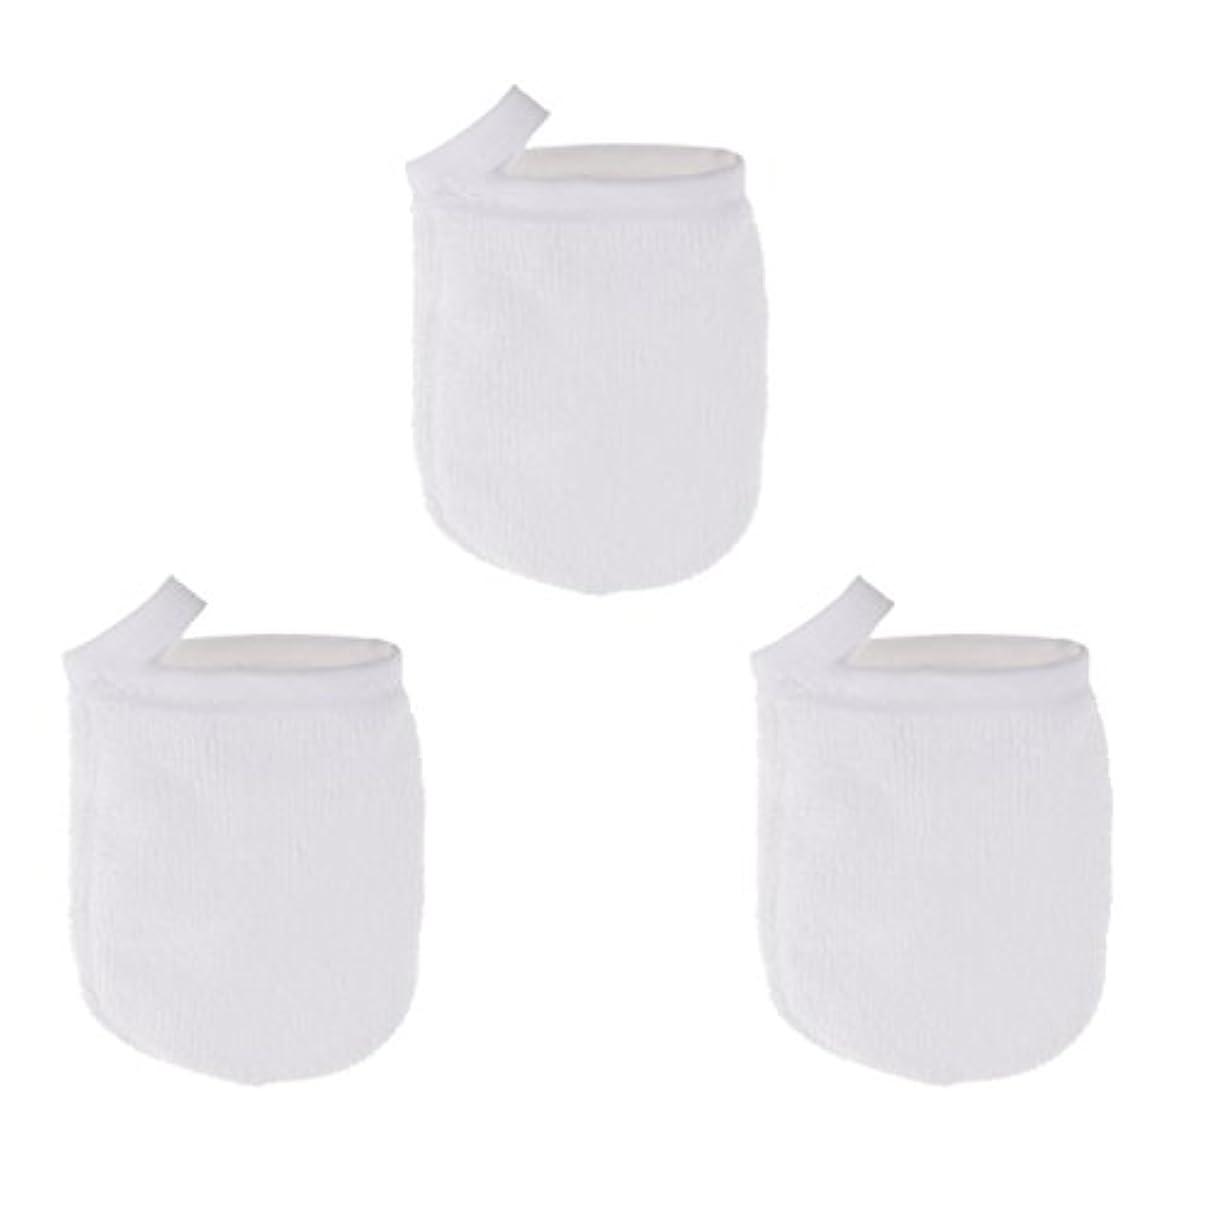 藤色余韻買い手CUTICATE ソフト フェイスクレンジンググローブ メイクリムーバー クロスパッド 3個 洗顔グローブ 手袋